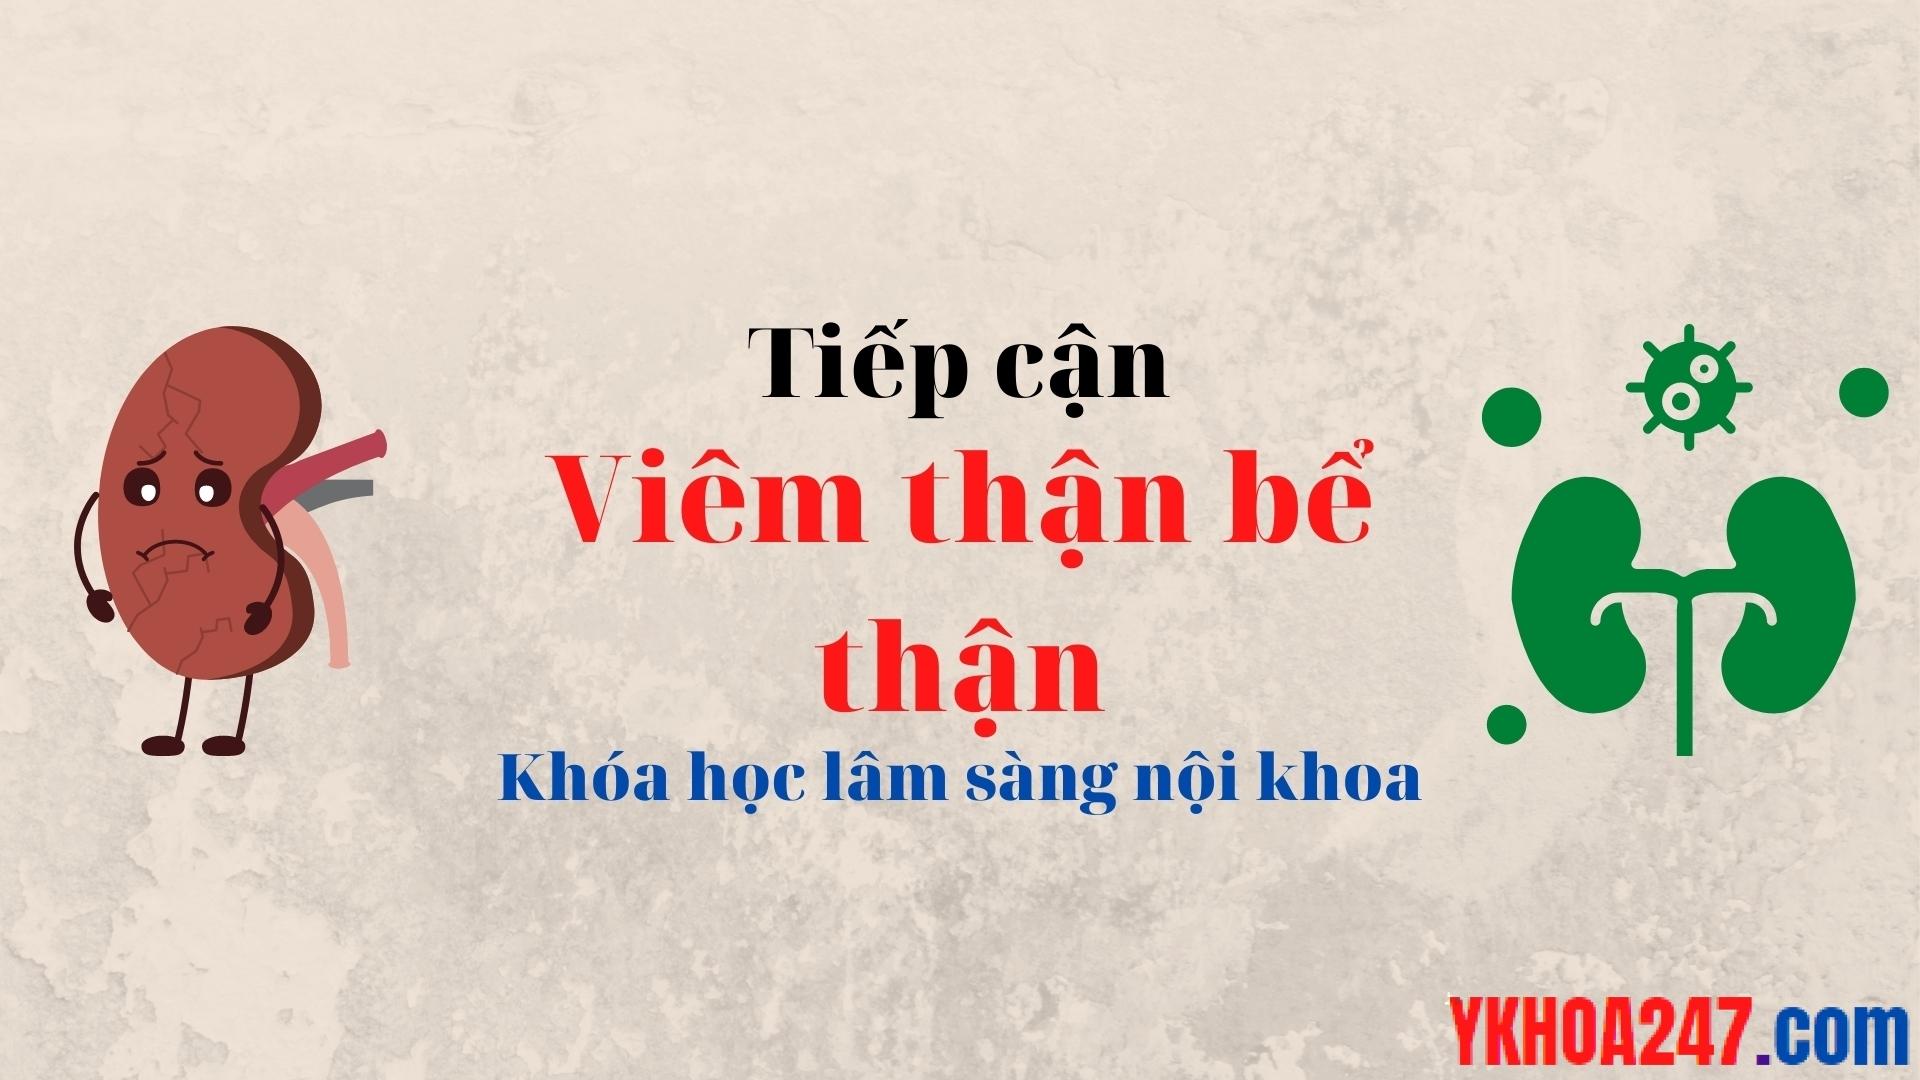 viem than be than